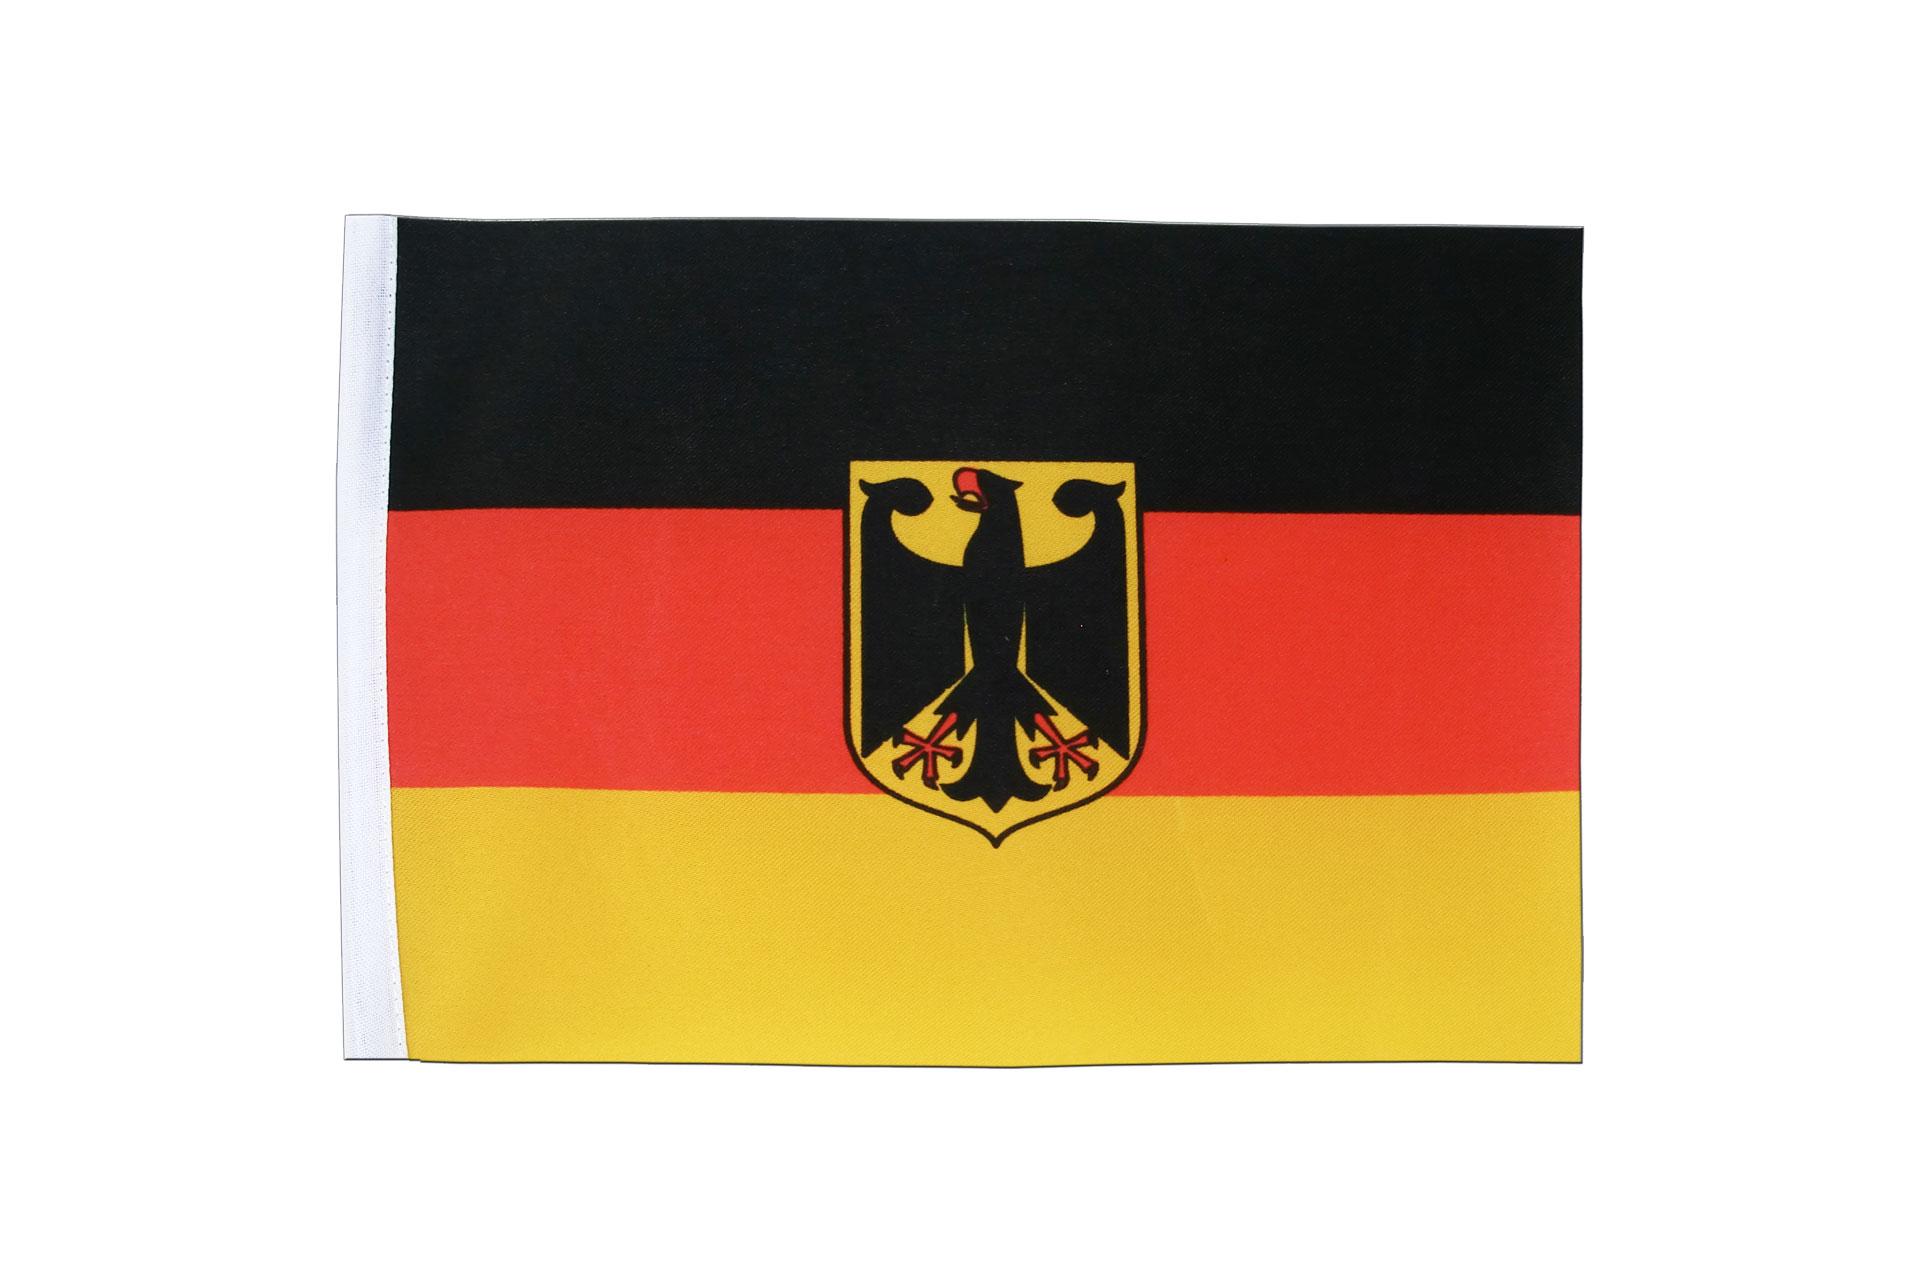 deutschland dienstflagge satin flagge 15 x 22 cm flaggenplatz. Black Bedroom Furniture Sets. Home Design Ideas